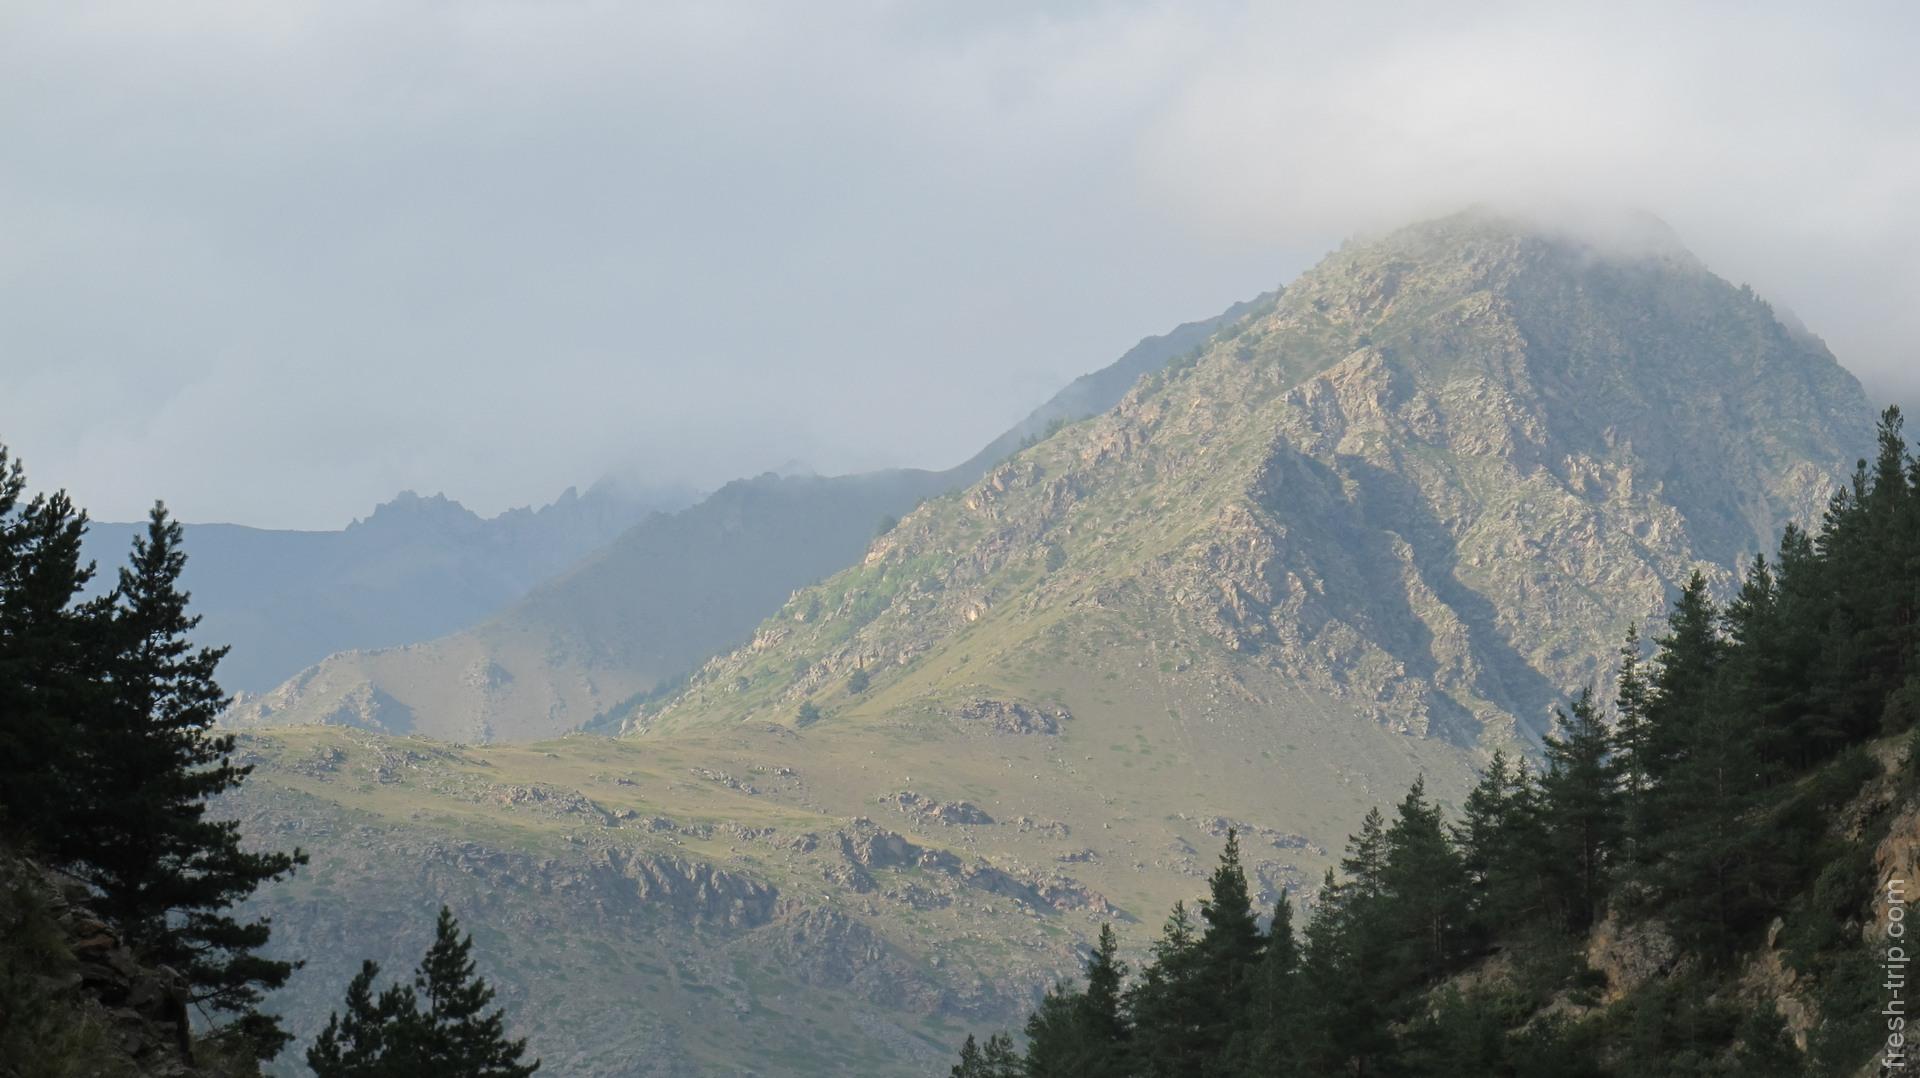 ущелье Адыр-Су , Кабардино-Балкария